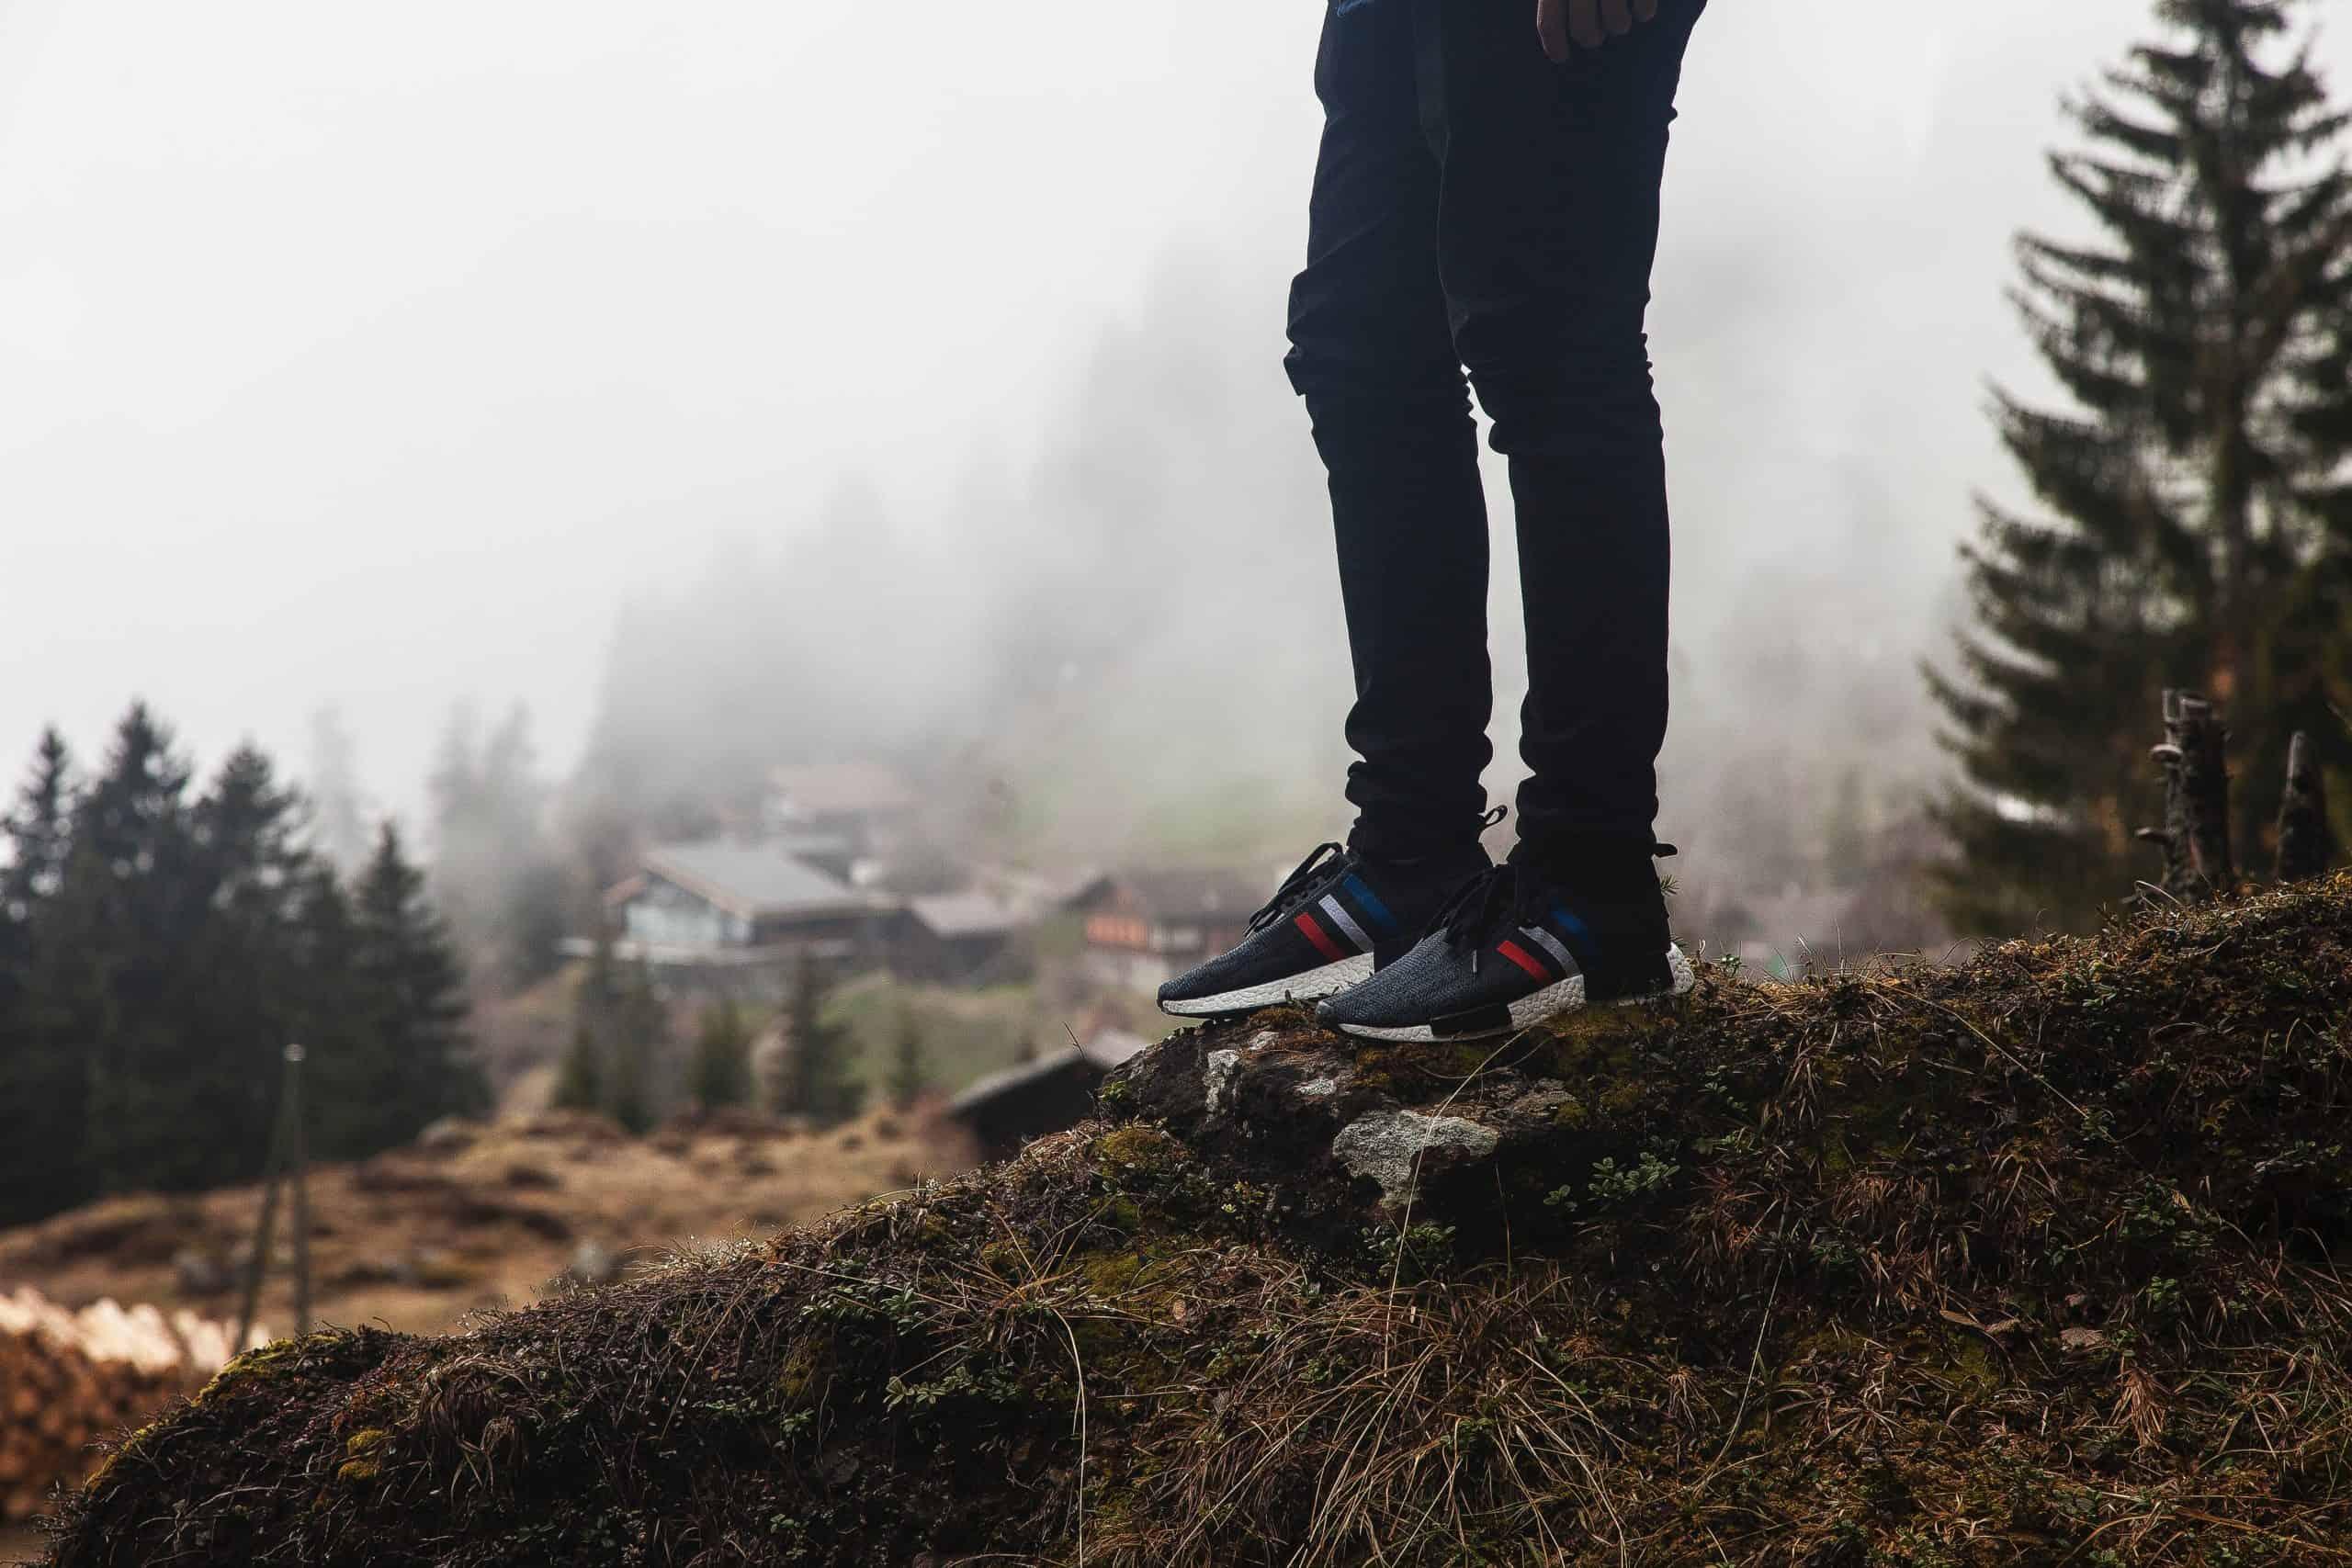 Une personne débout sur un rocher